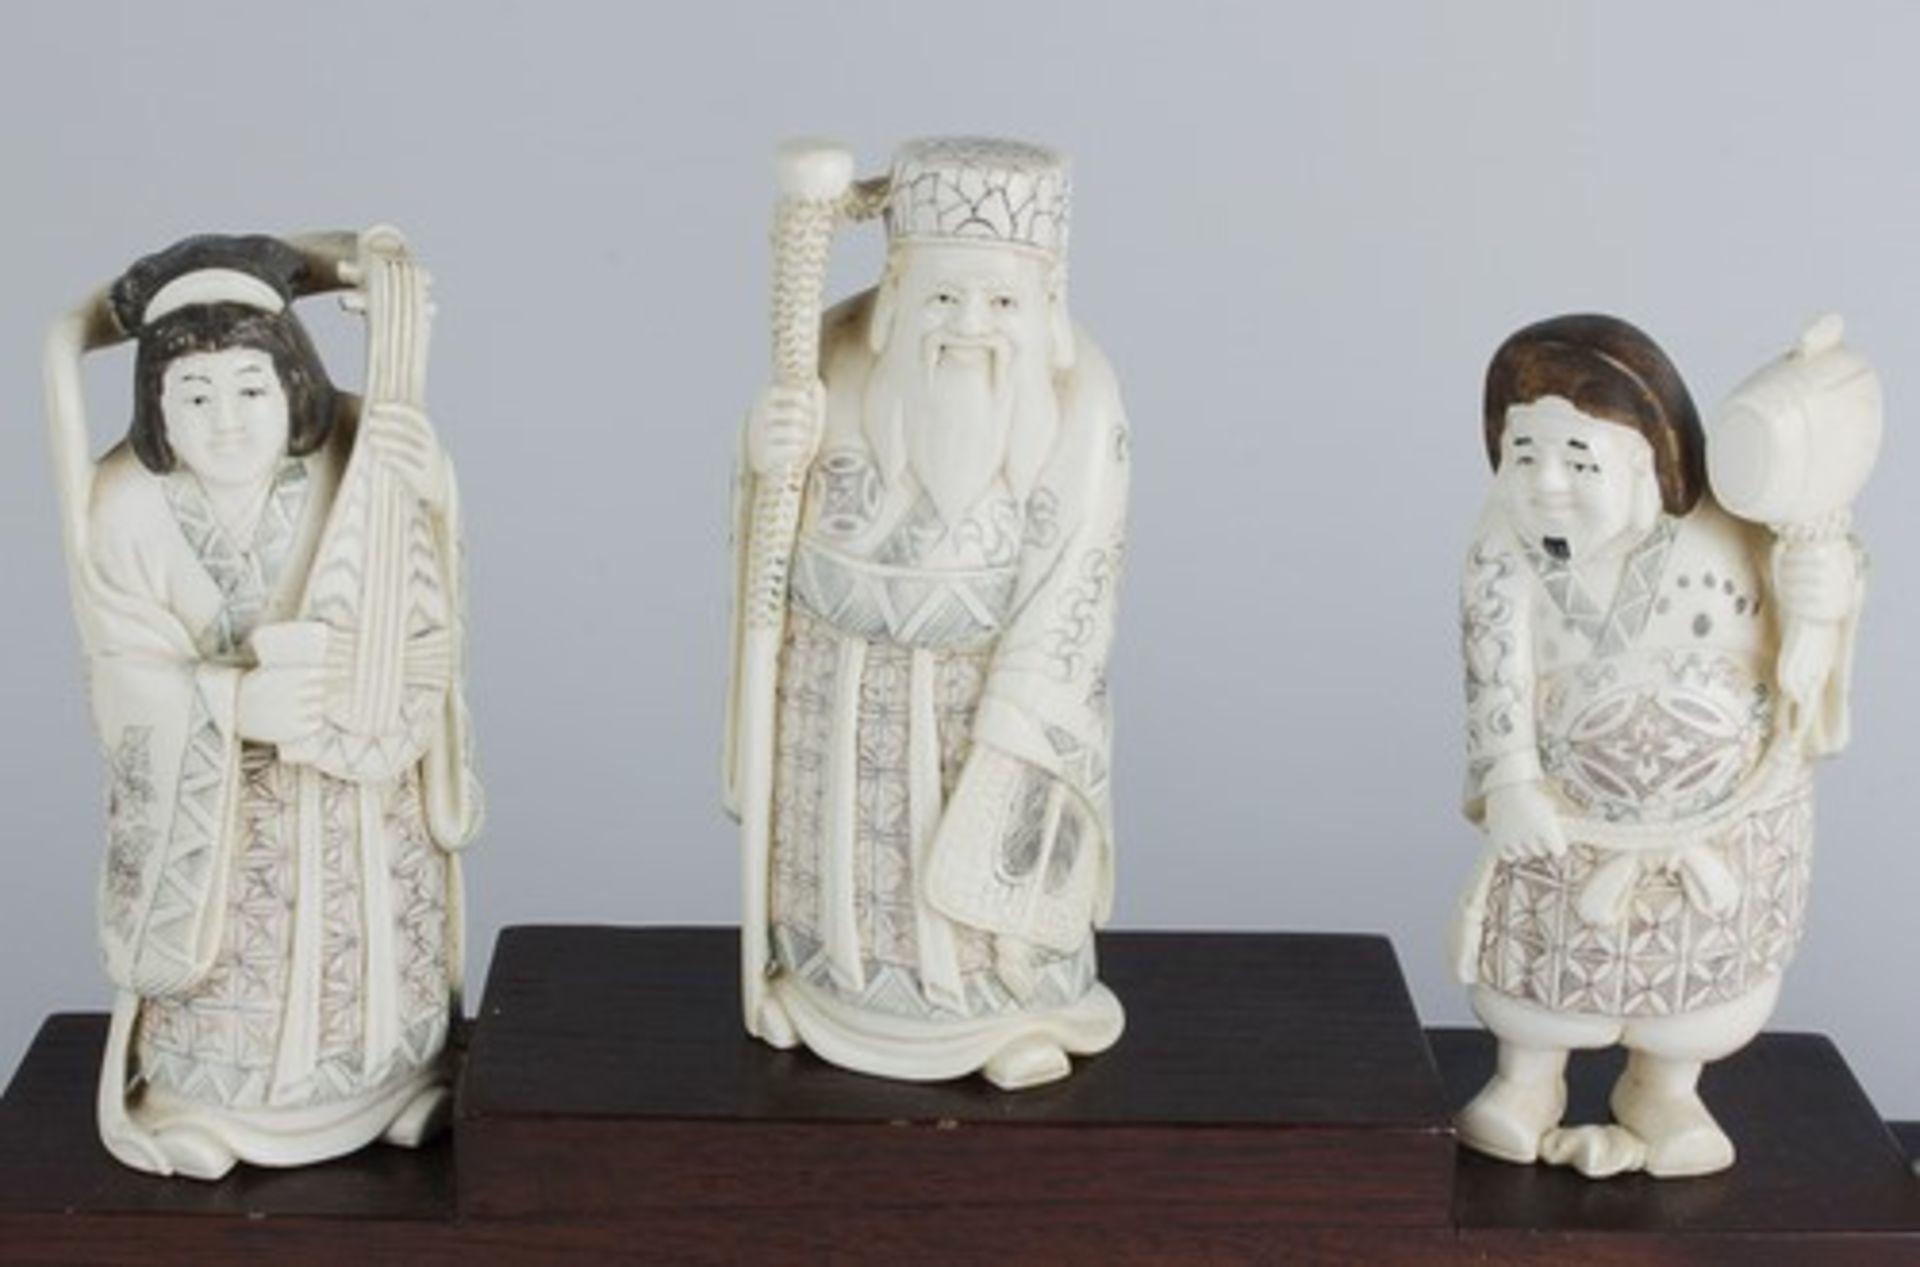 Figurengruppe - Chinaum 1920, 7x vollplastische Elfenbein-Schnitzereien, partiell geschwärzt, - Bild 2 aus 24